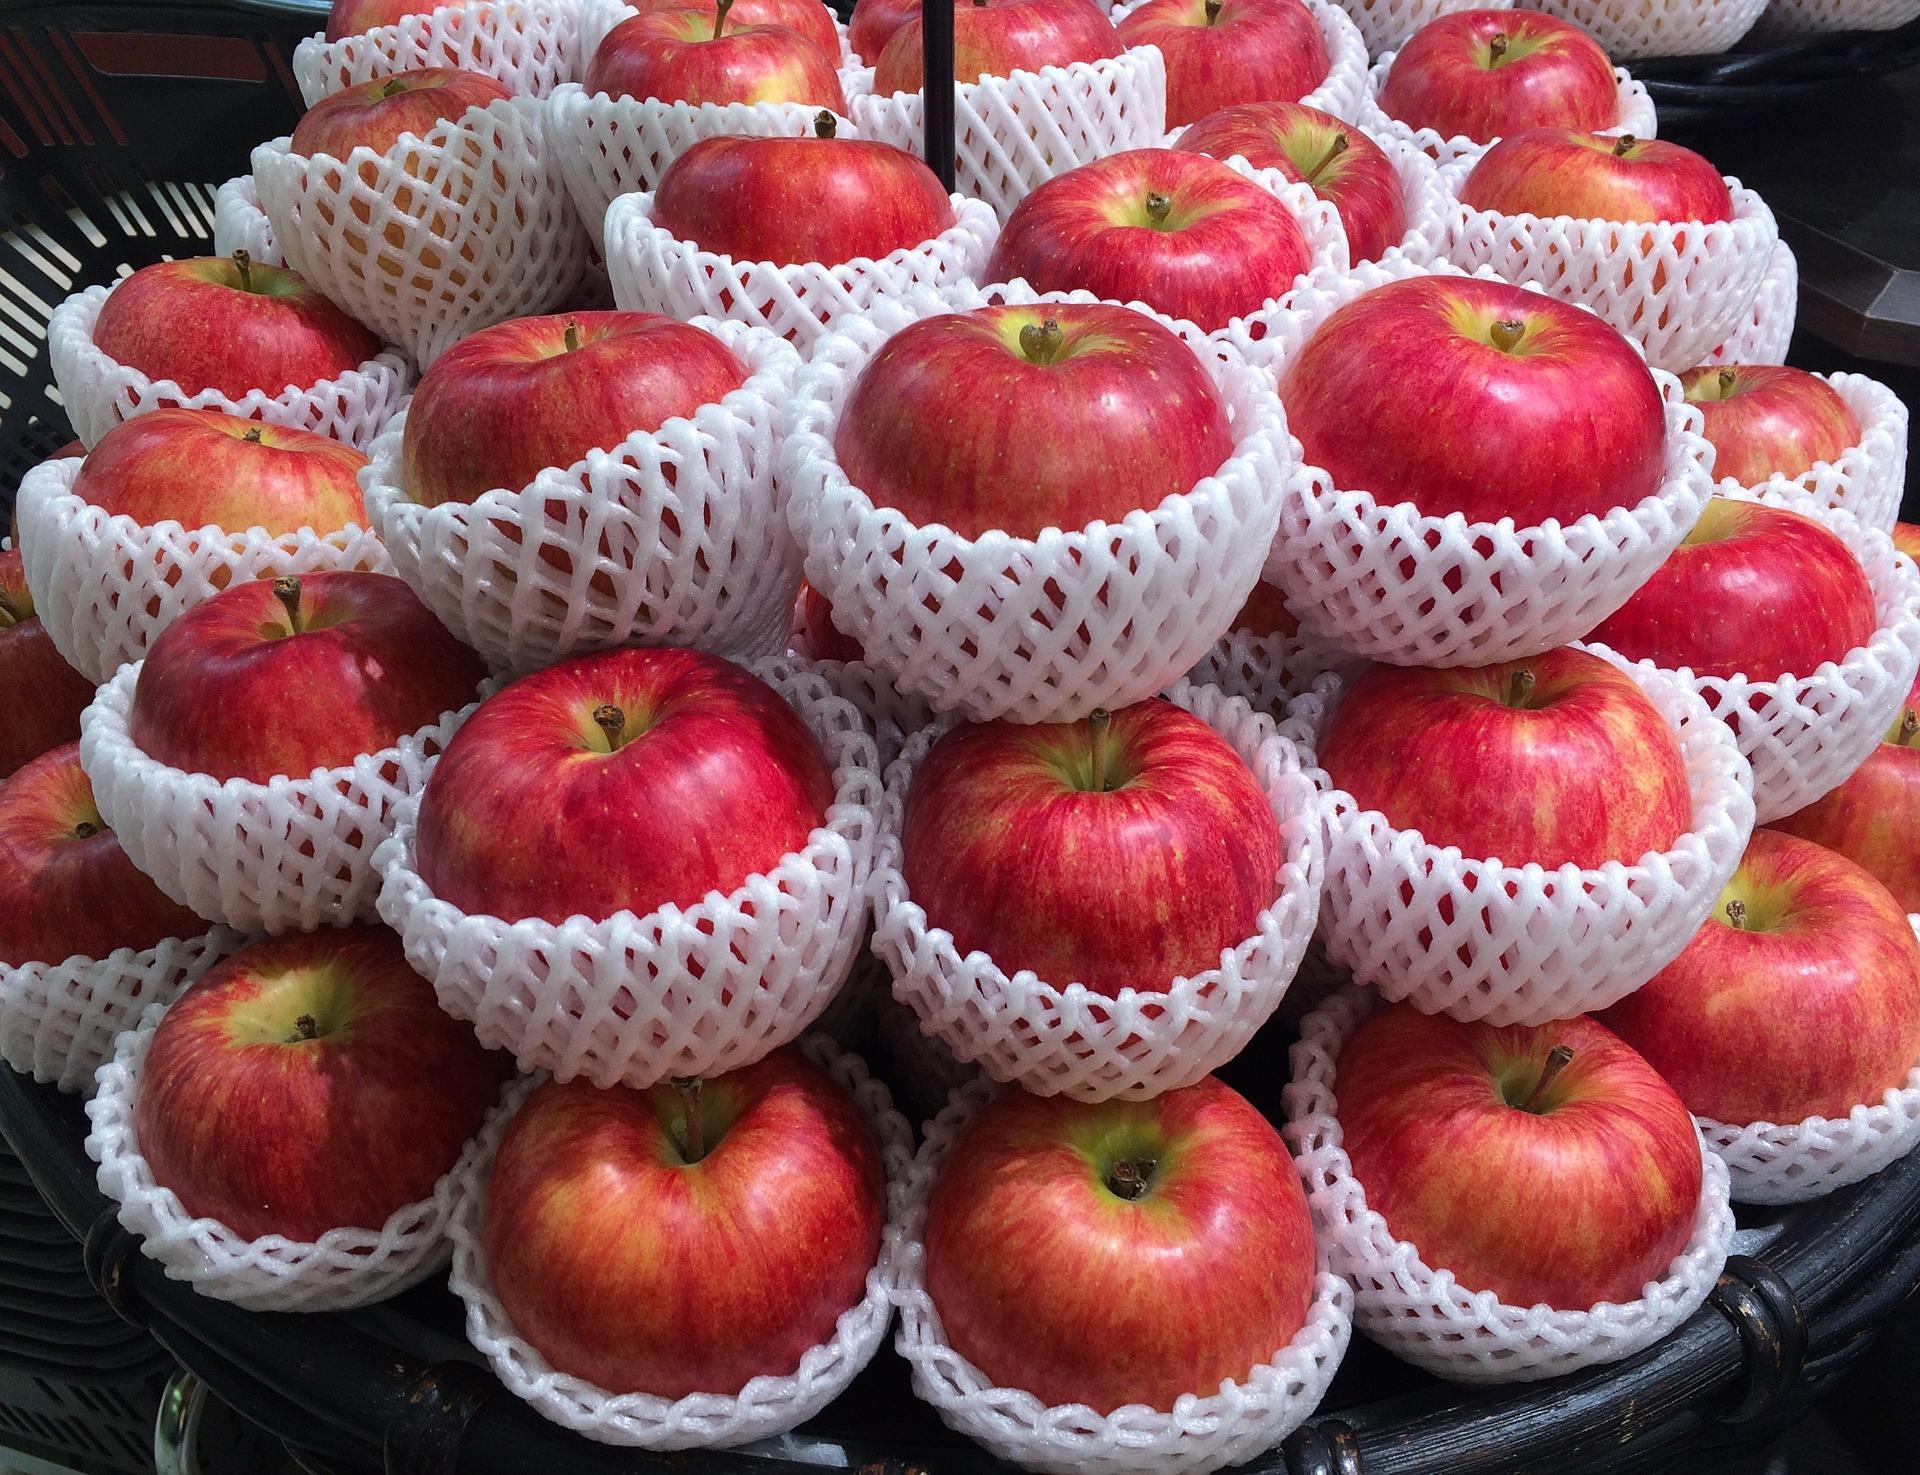 盛られたリンゴ